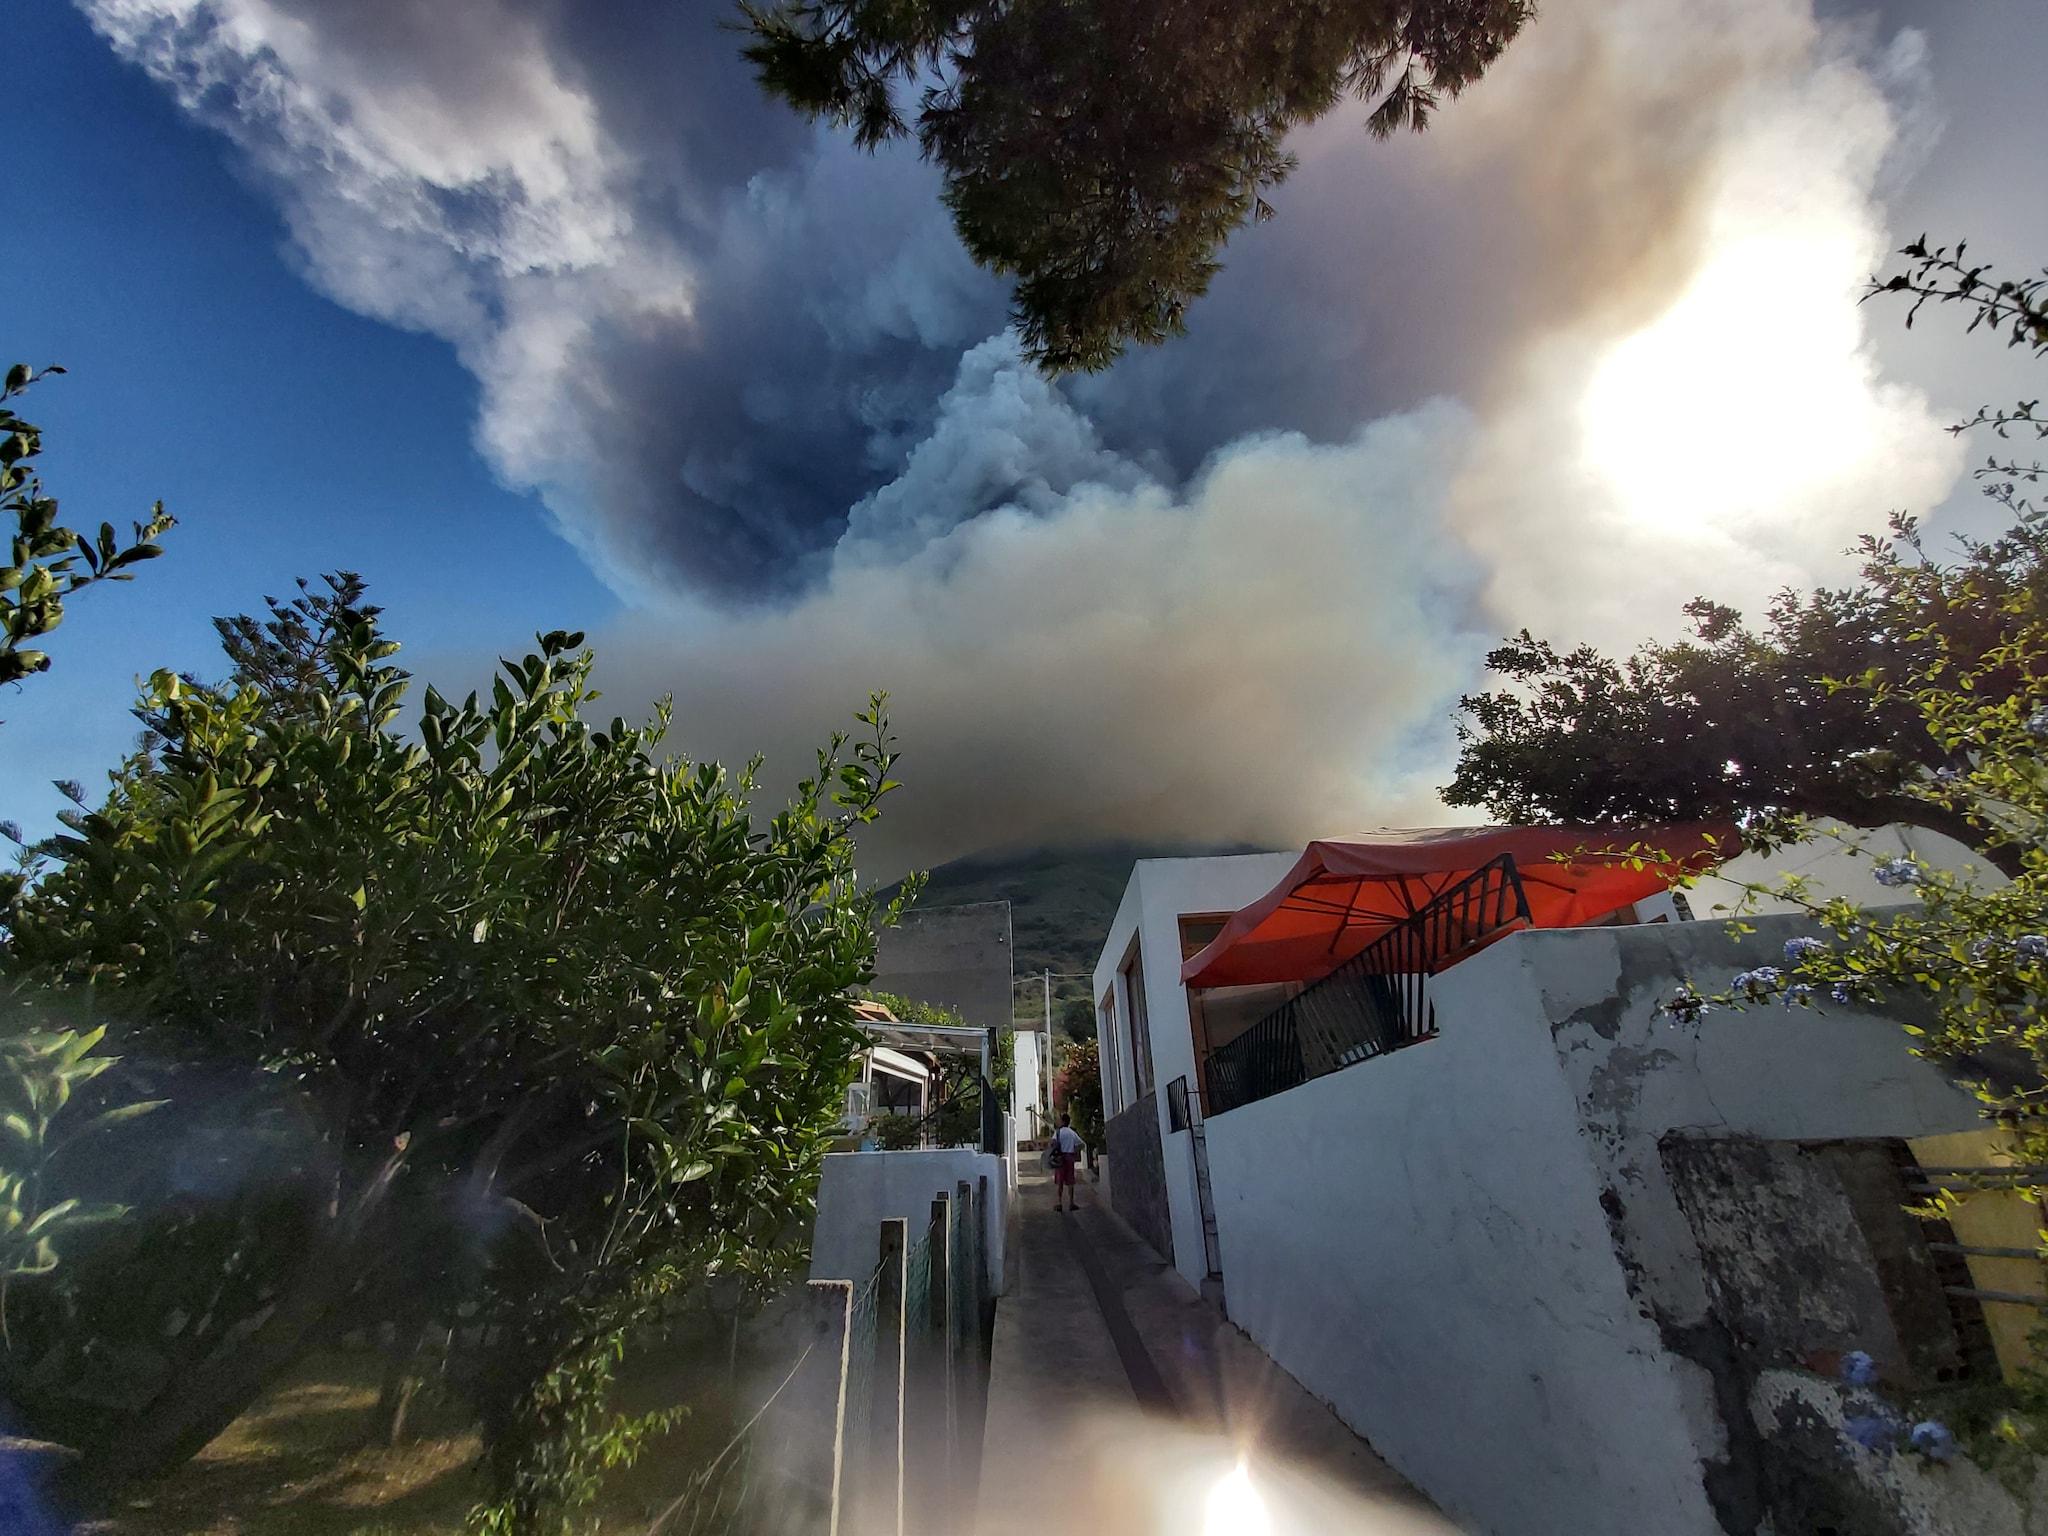 Un'immagine della violenta esplosione registrata dal cratere del vulcano Stromboli(foto Eric Stefanati)